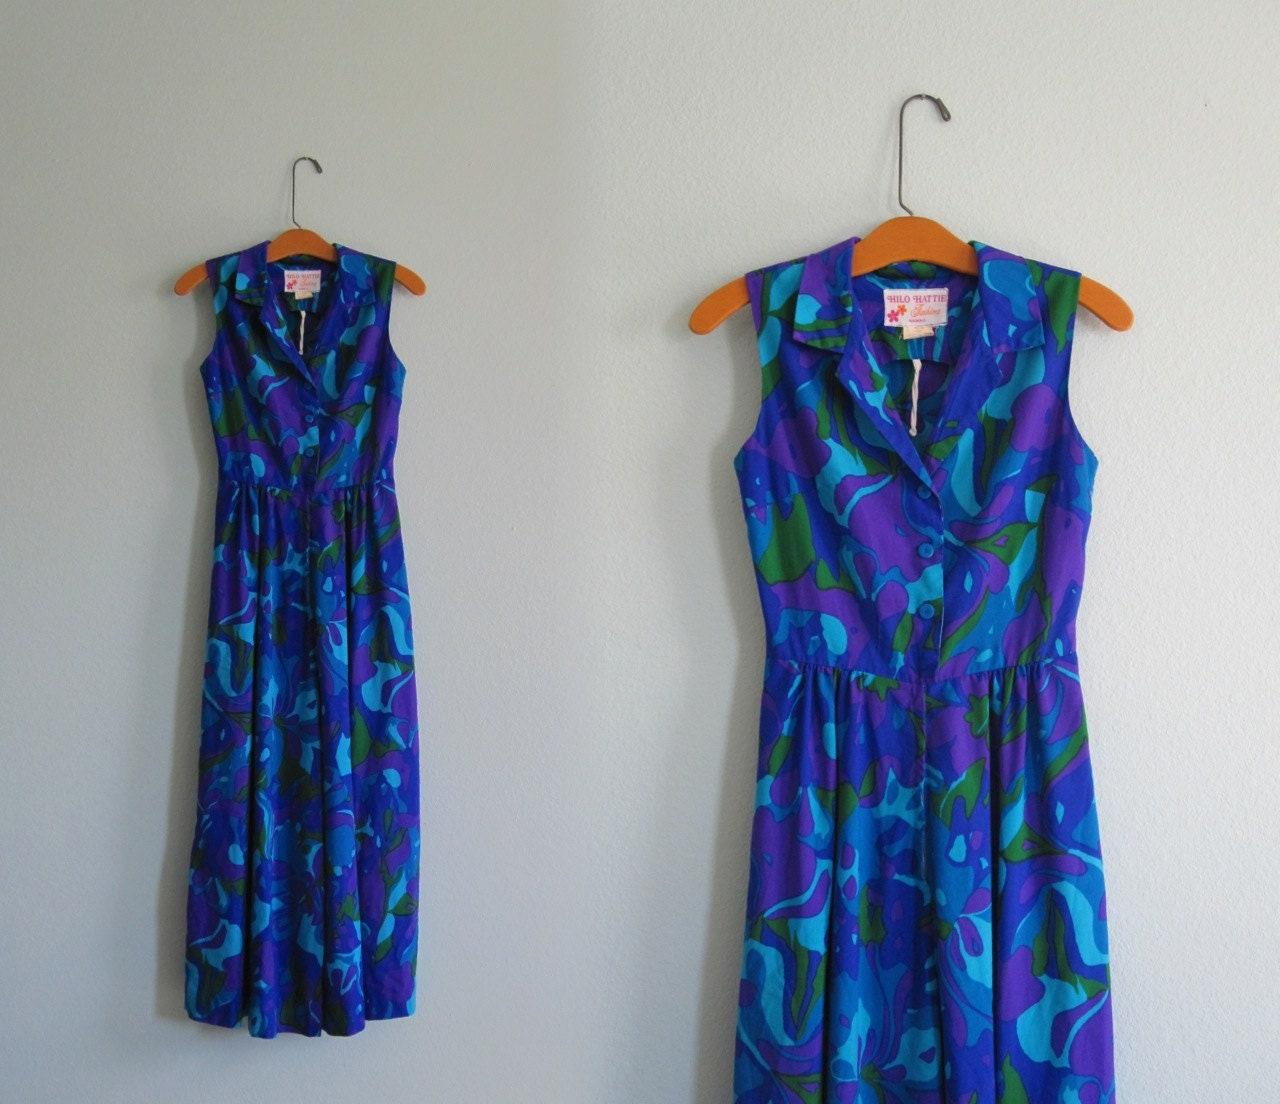 d54bfc5d895 70s Hawaiian Jumpsuit Gorgeous 70s Hilo Hattie Jumpsuit